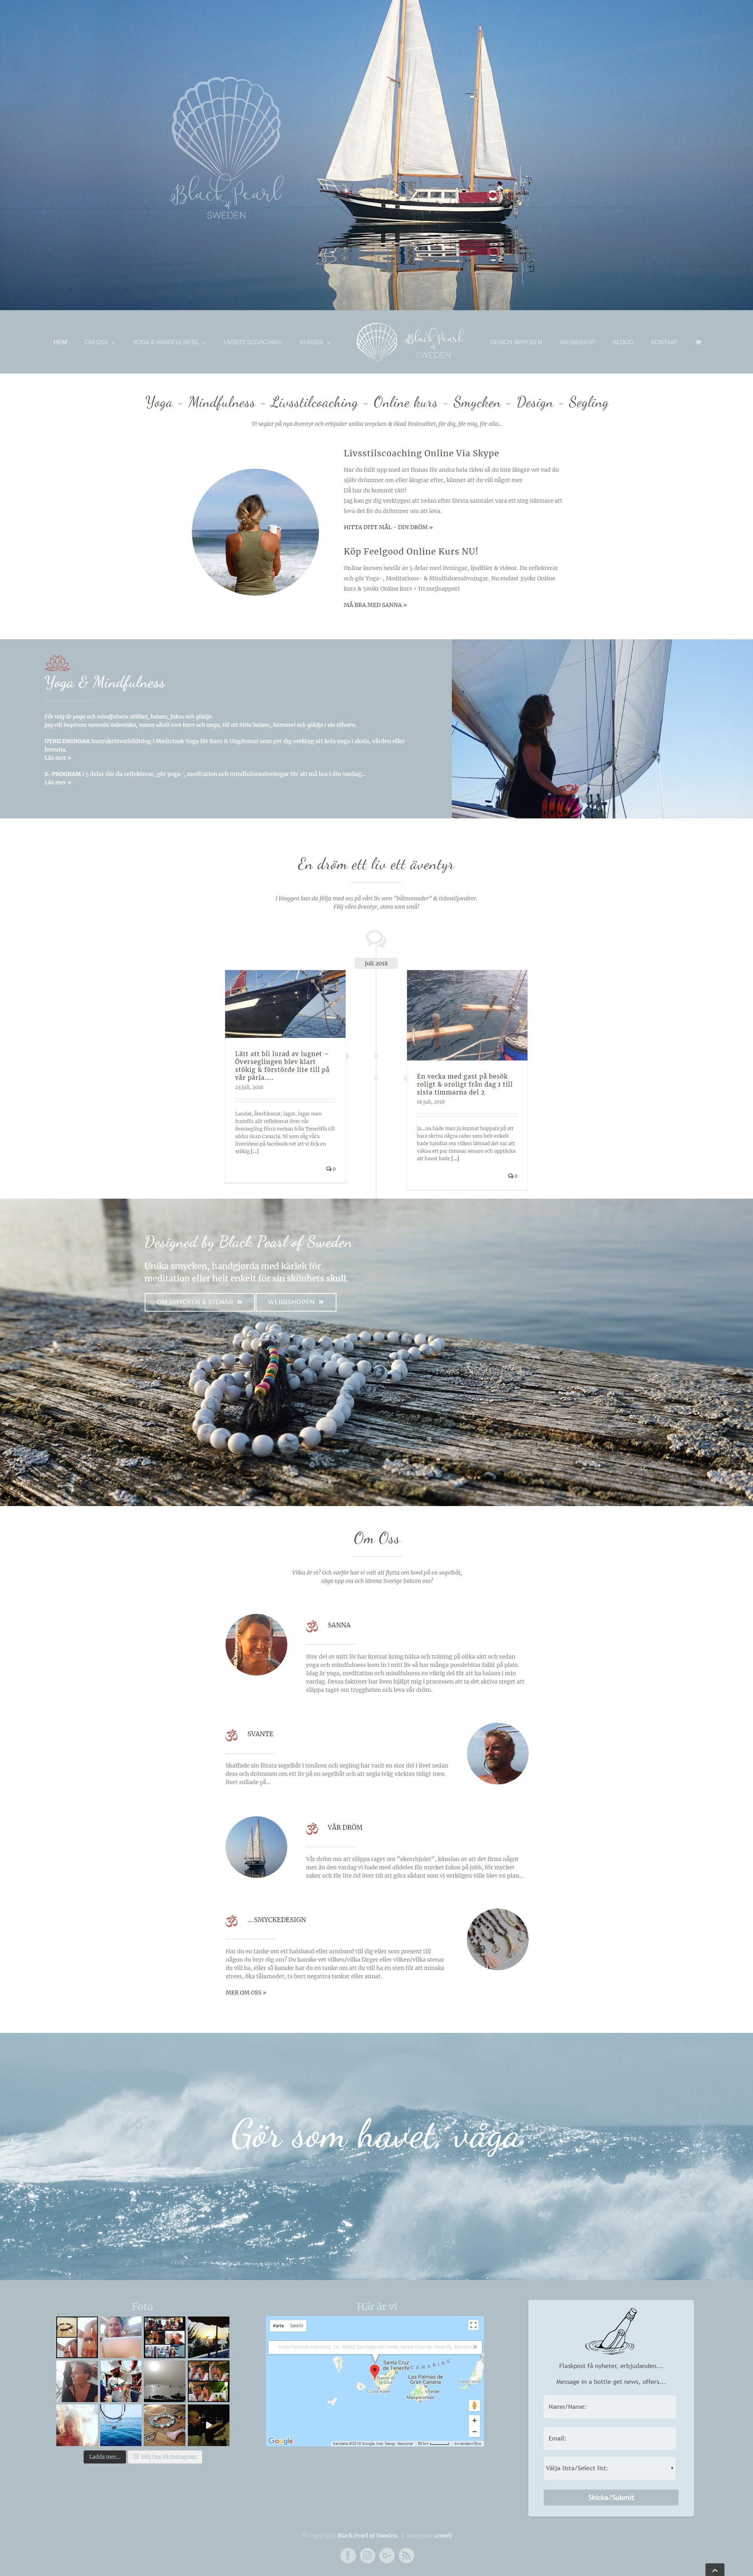 Website Black Pearl of Sweden